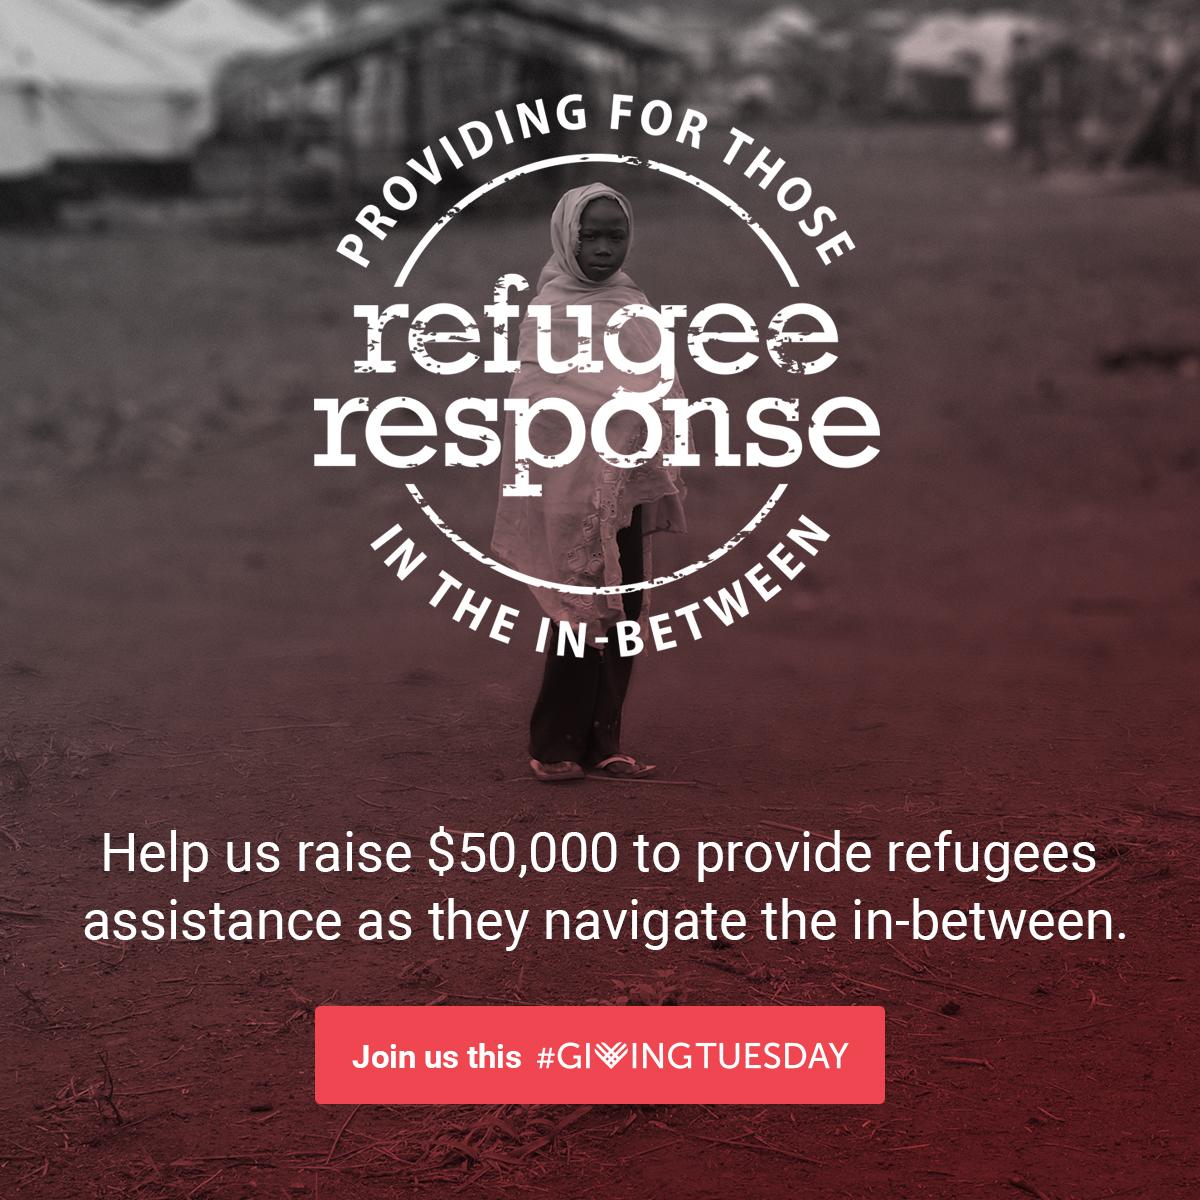 refugee-response-sm